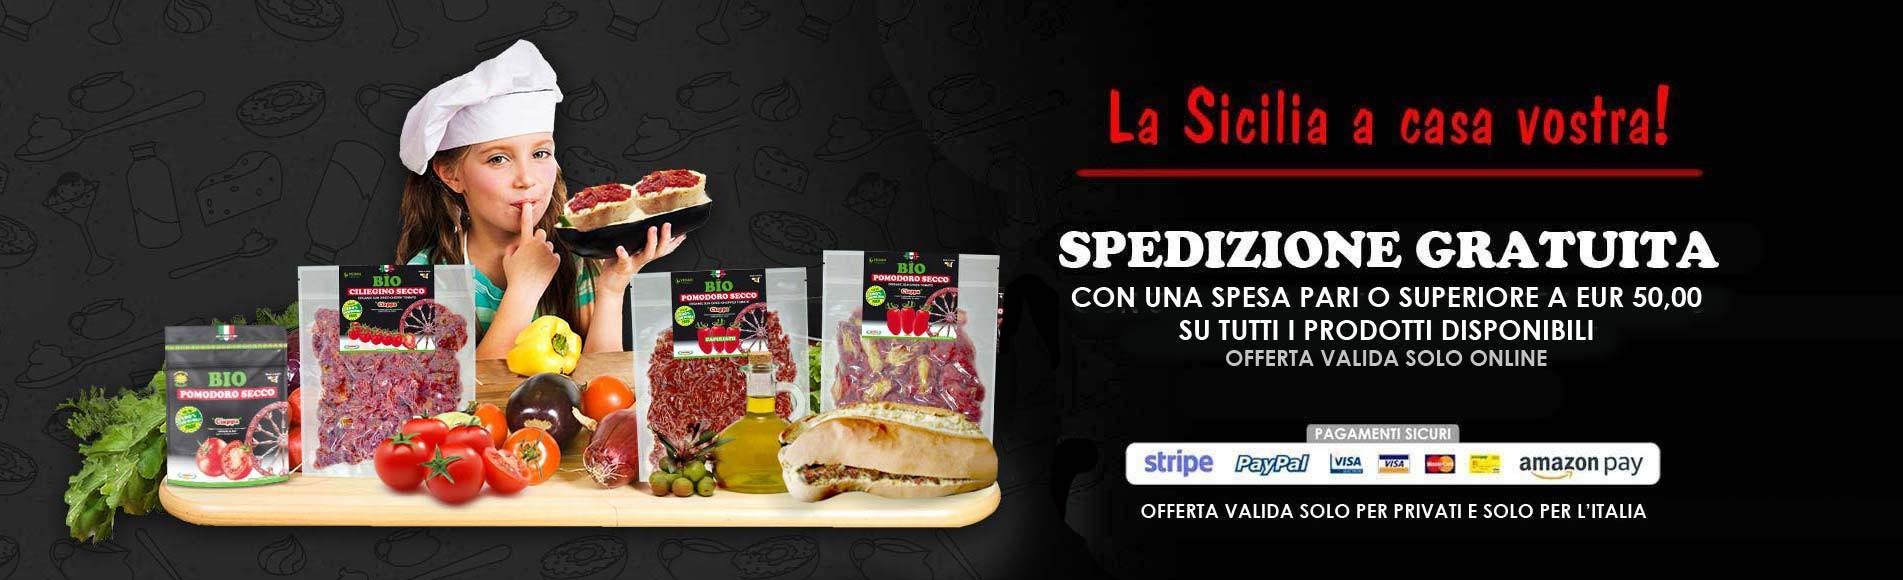 Pomodori secchi - SPEDIZIONE GRATUITA (solo per privati e solo l'Italia)